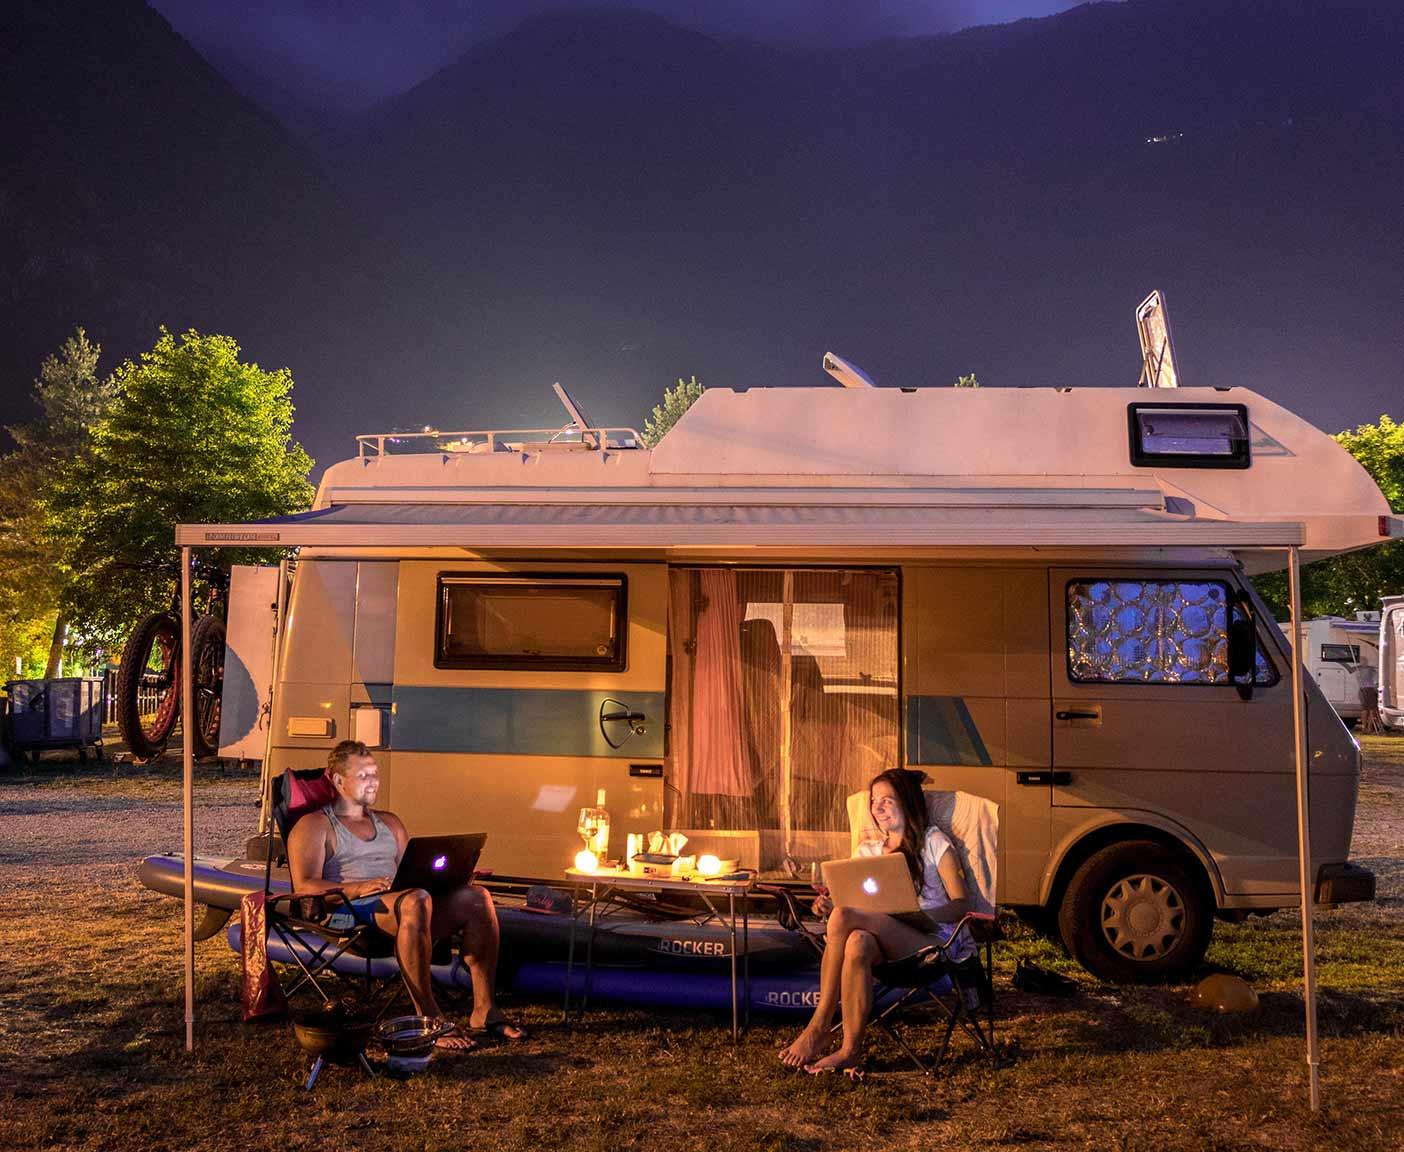 vw-lt-35-pritzsche-4x4-gebraucht-wohnmobil-camper-aufbau-anhaengelast